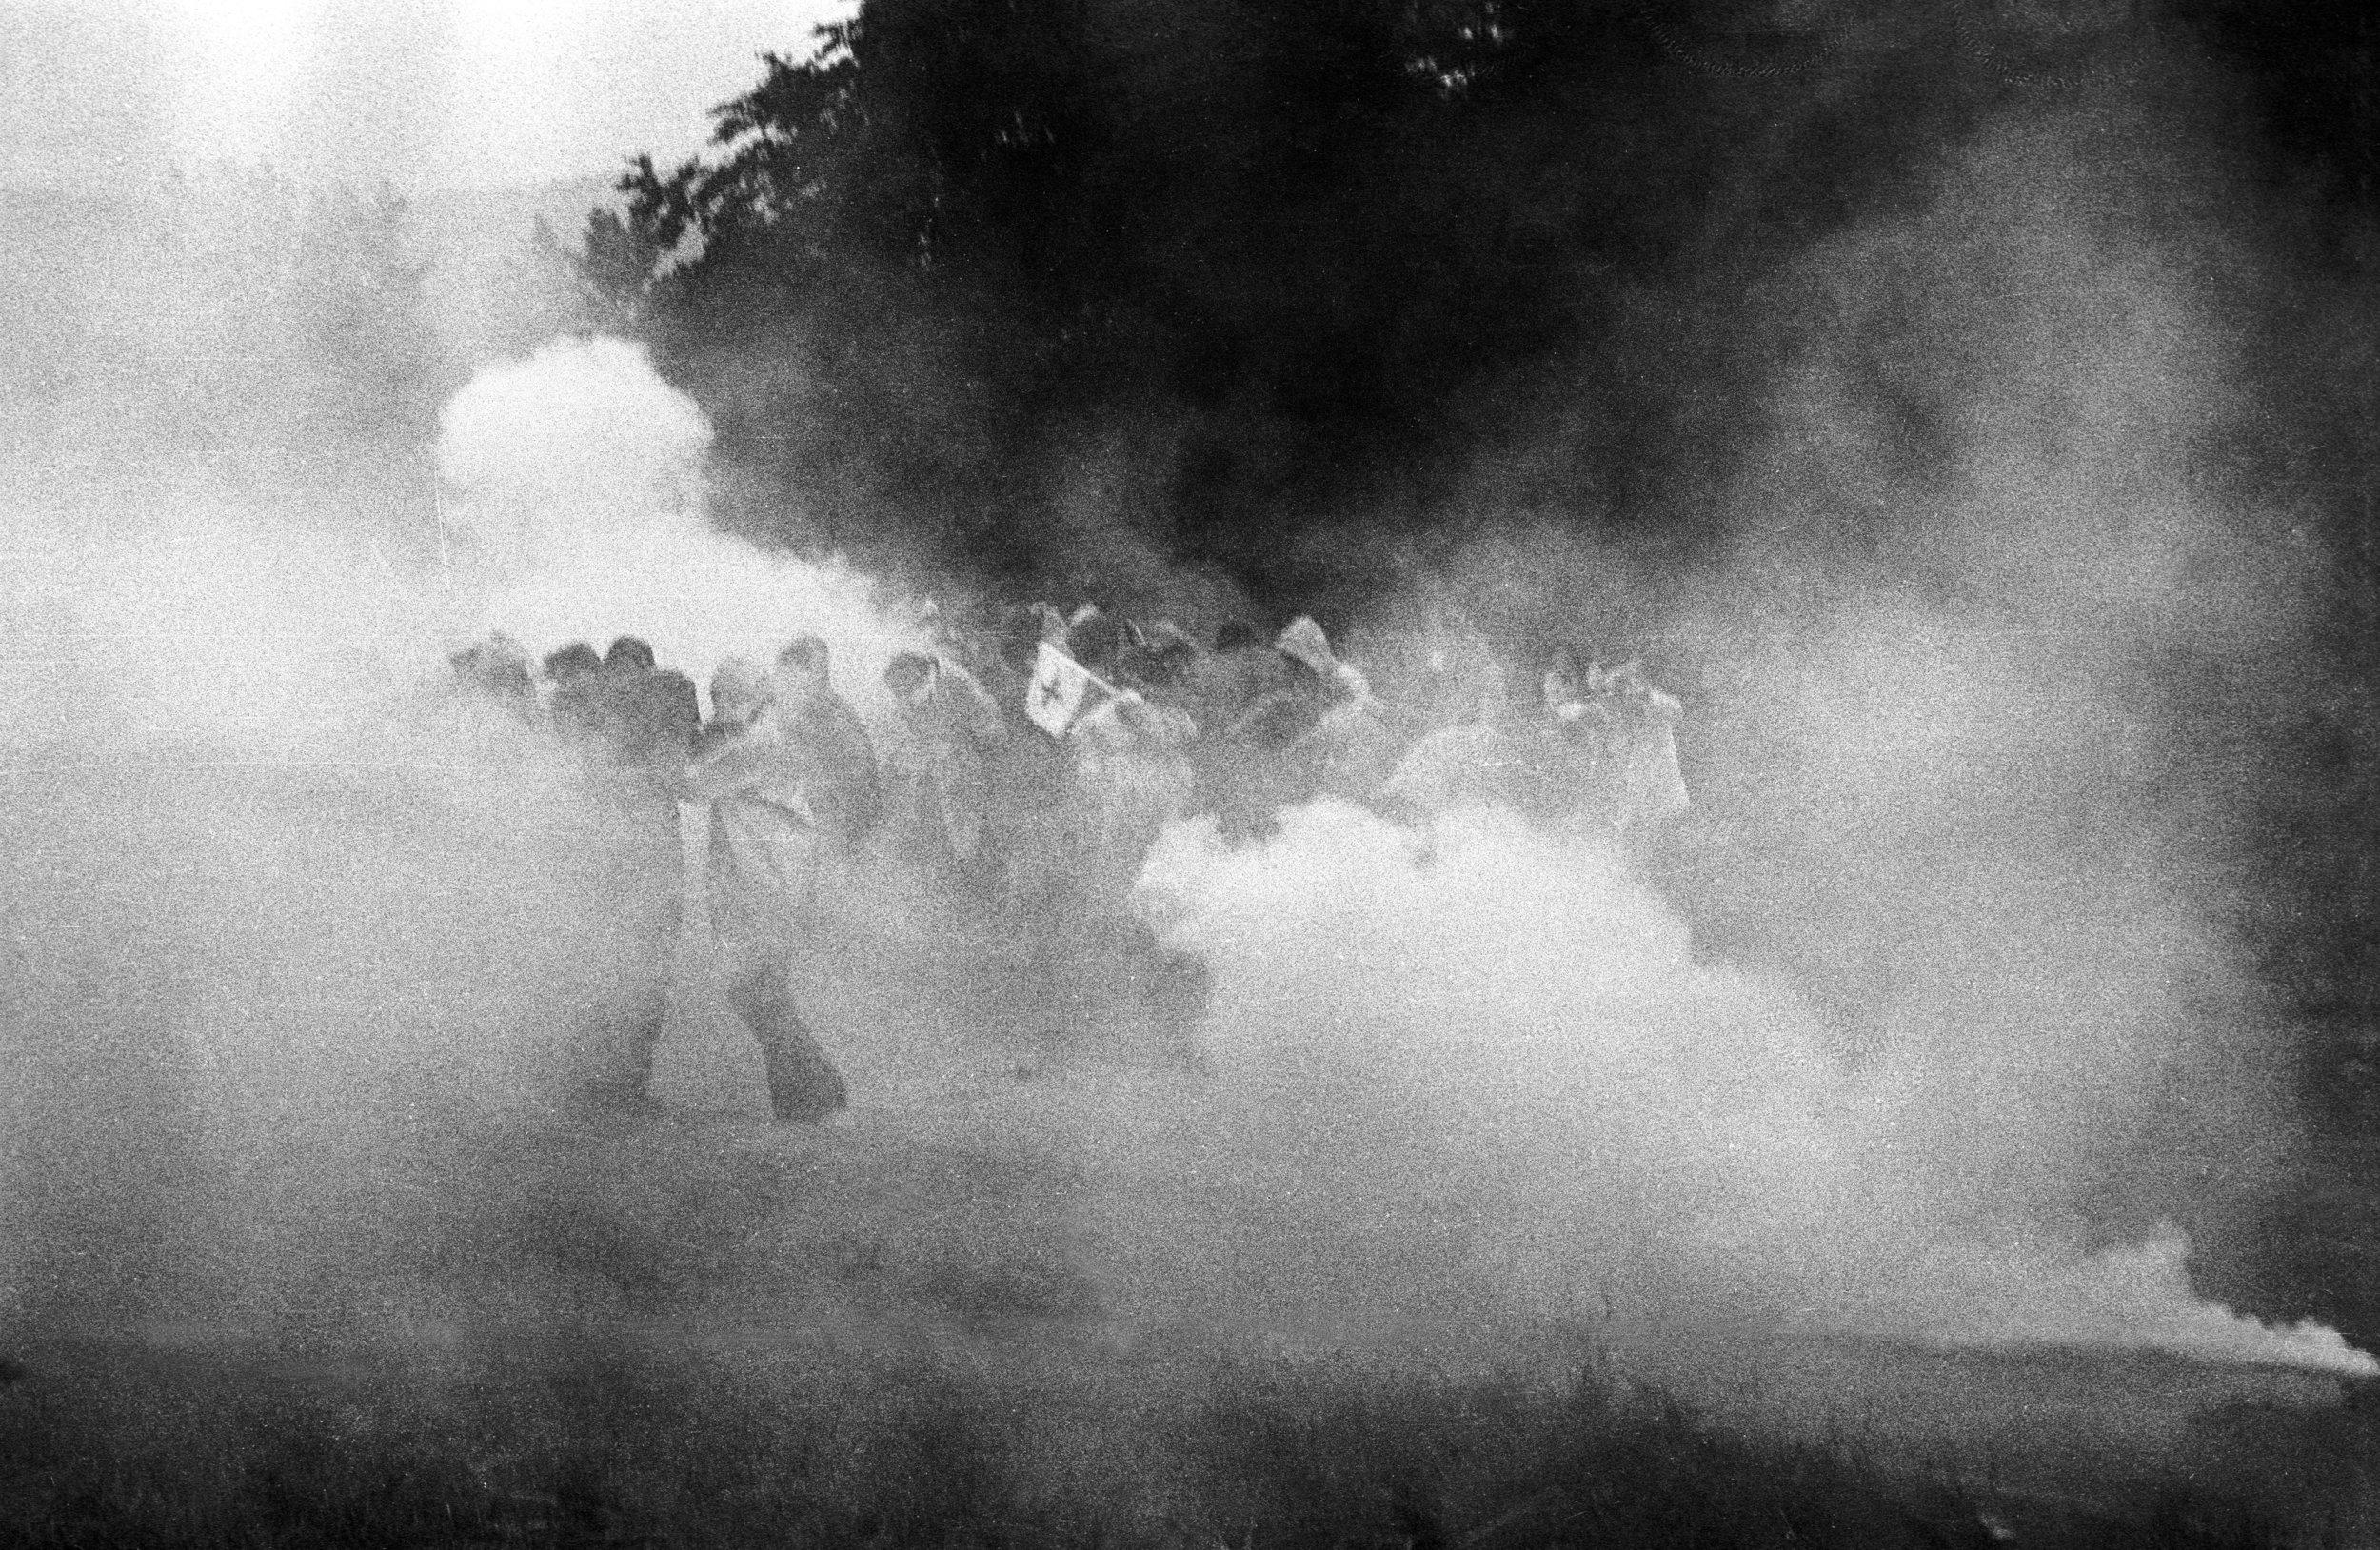 Auseinandersetzungen zwischen Demonstrierenden und Polizei beim geplanten AKW Gösgen 1977. Foto: Miklós Klaus Rózsa.